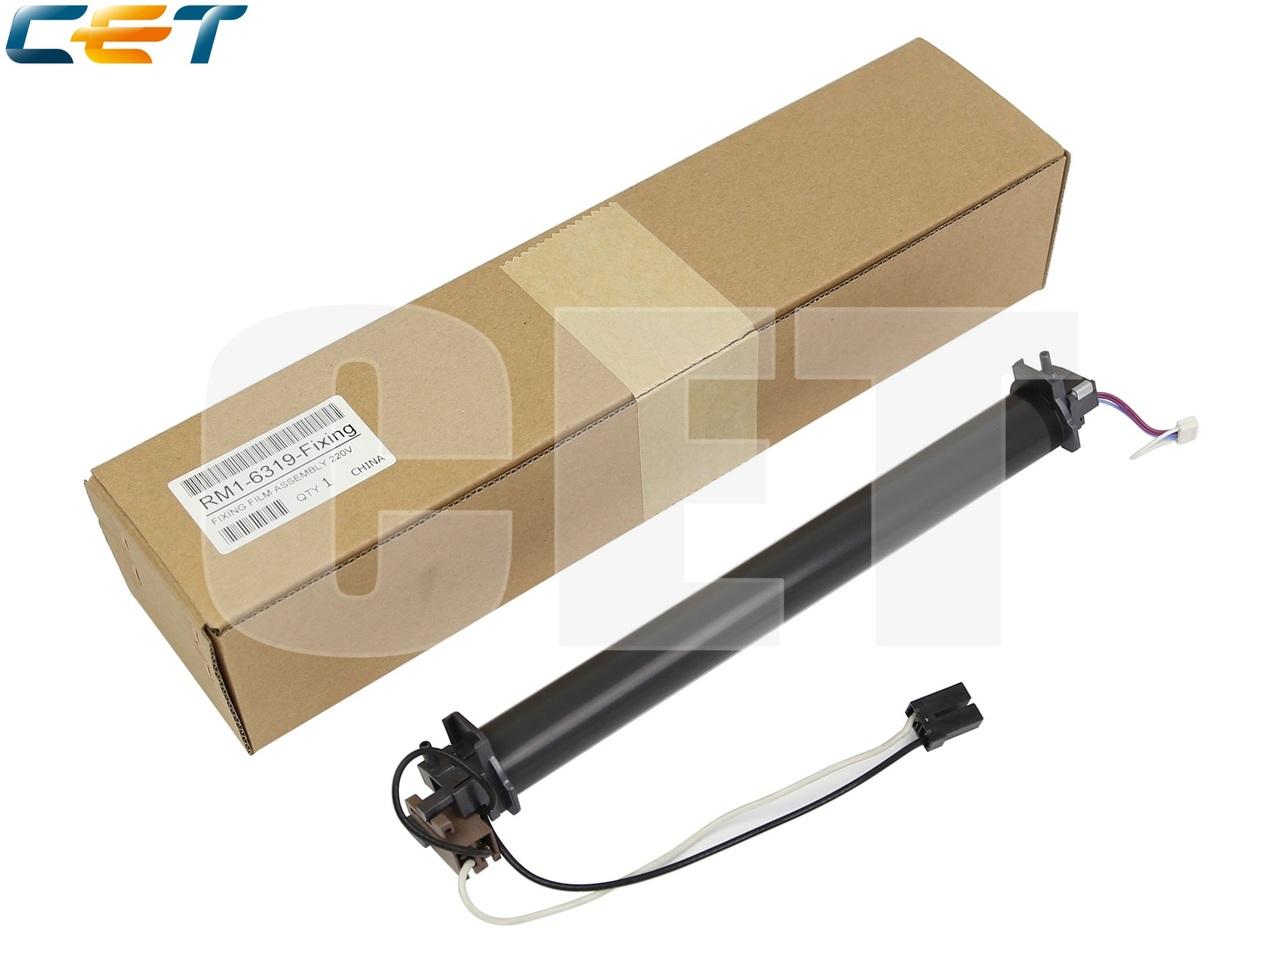 Нагревательный элемент в сборе с термопленкой для HPLaserJet Enterprise P3015 (CET), CET2799